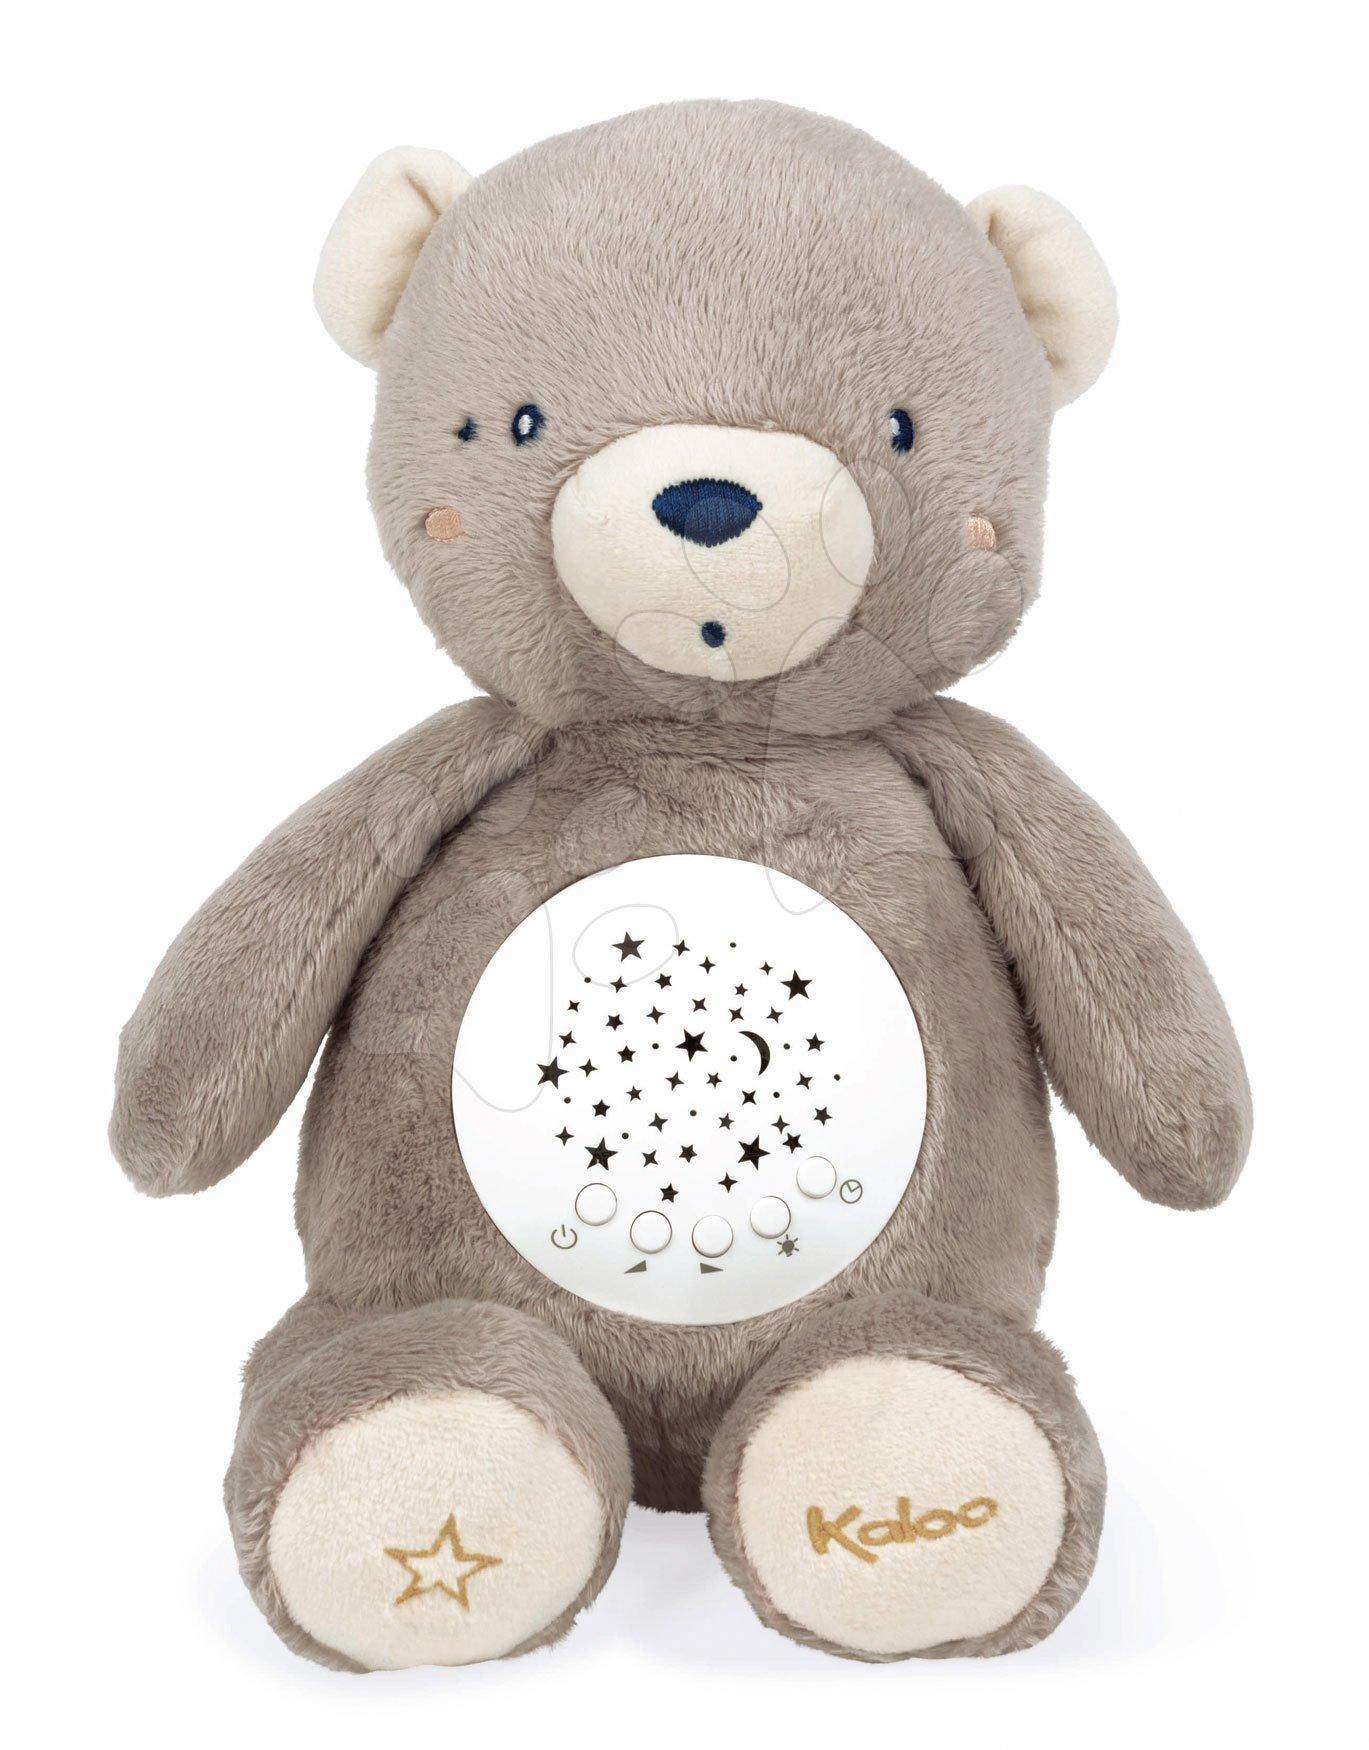 Plyšový medvěd projektor My Projector Nightlight Home Kaloo hnědý 32 cm s 13 světly a 13 melodiemi z jemného plyše od 3 měsíců